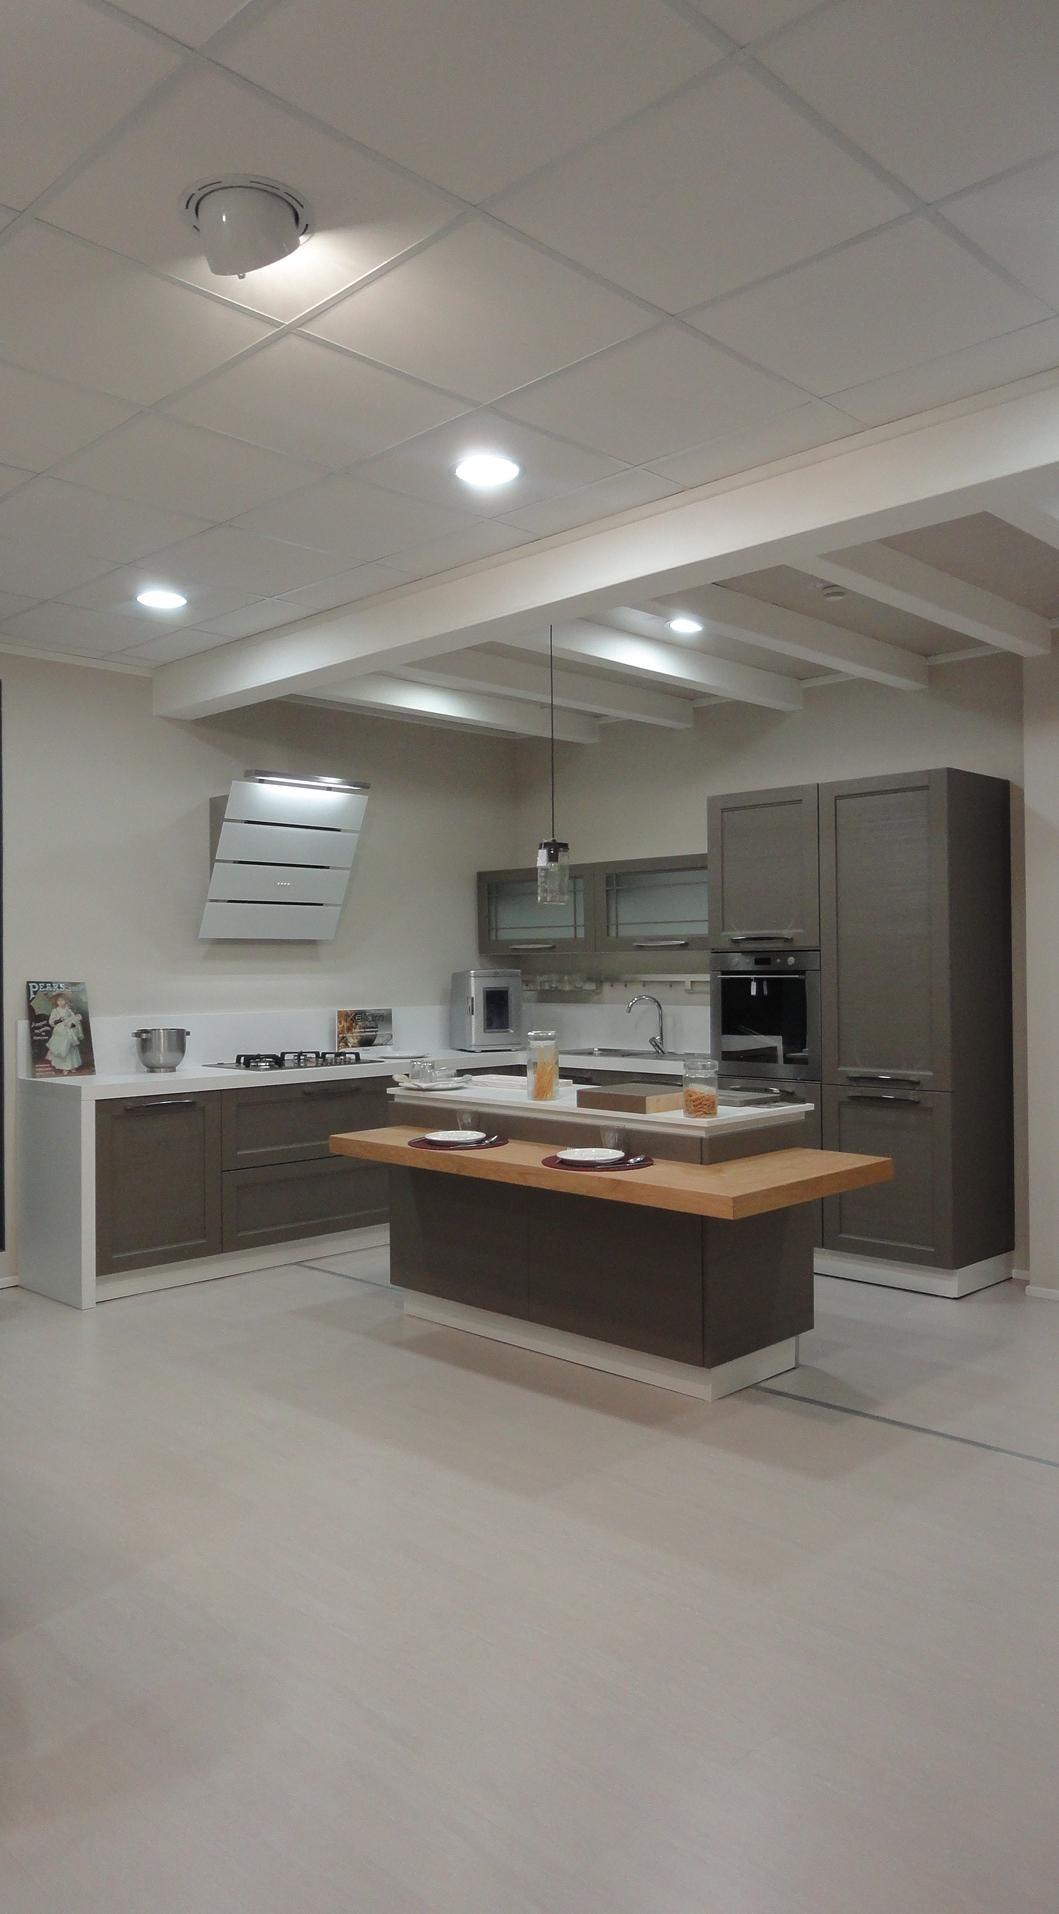 Specchiera bagno ellittica helly idee per il design for 30 50 design della casa